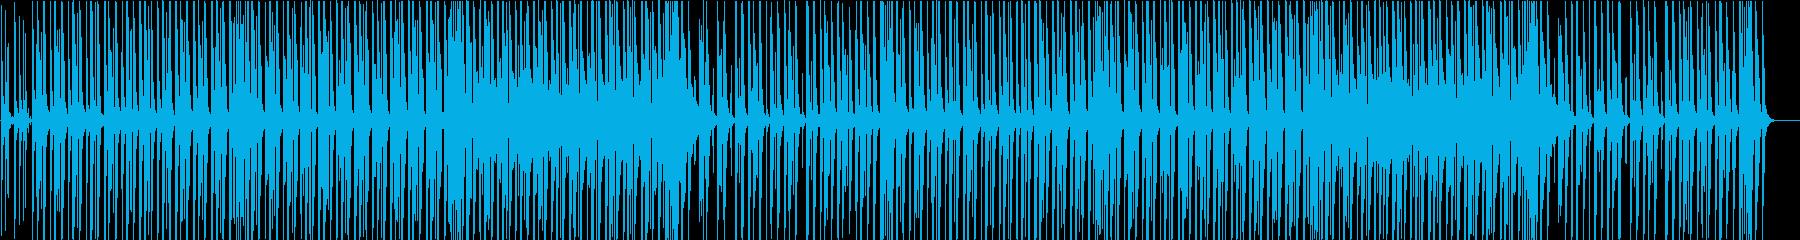 ウキウキでワクワクなピアノの軽快ブルースの再生済みの波形